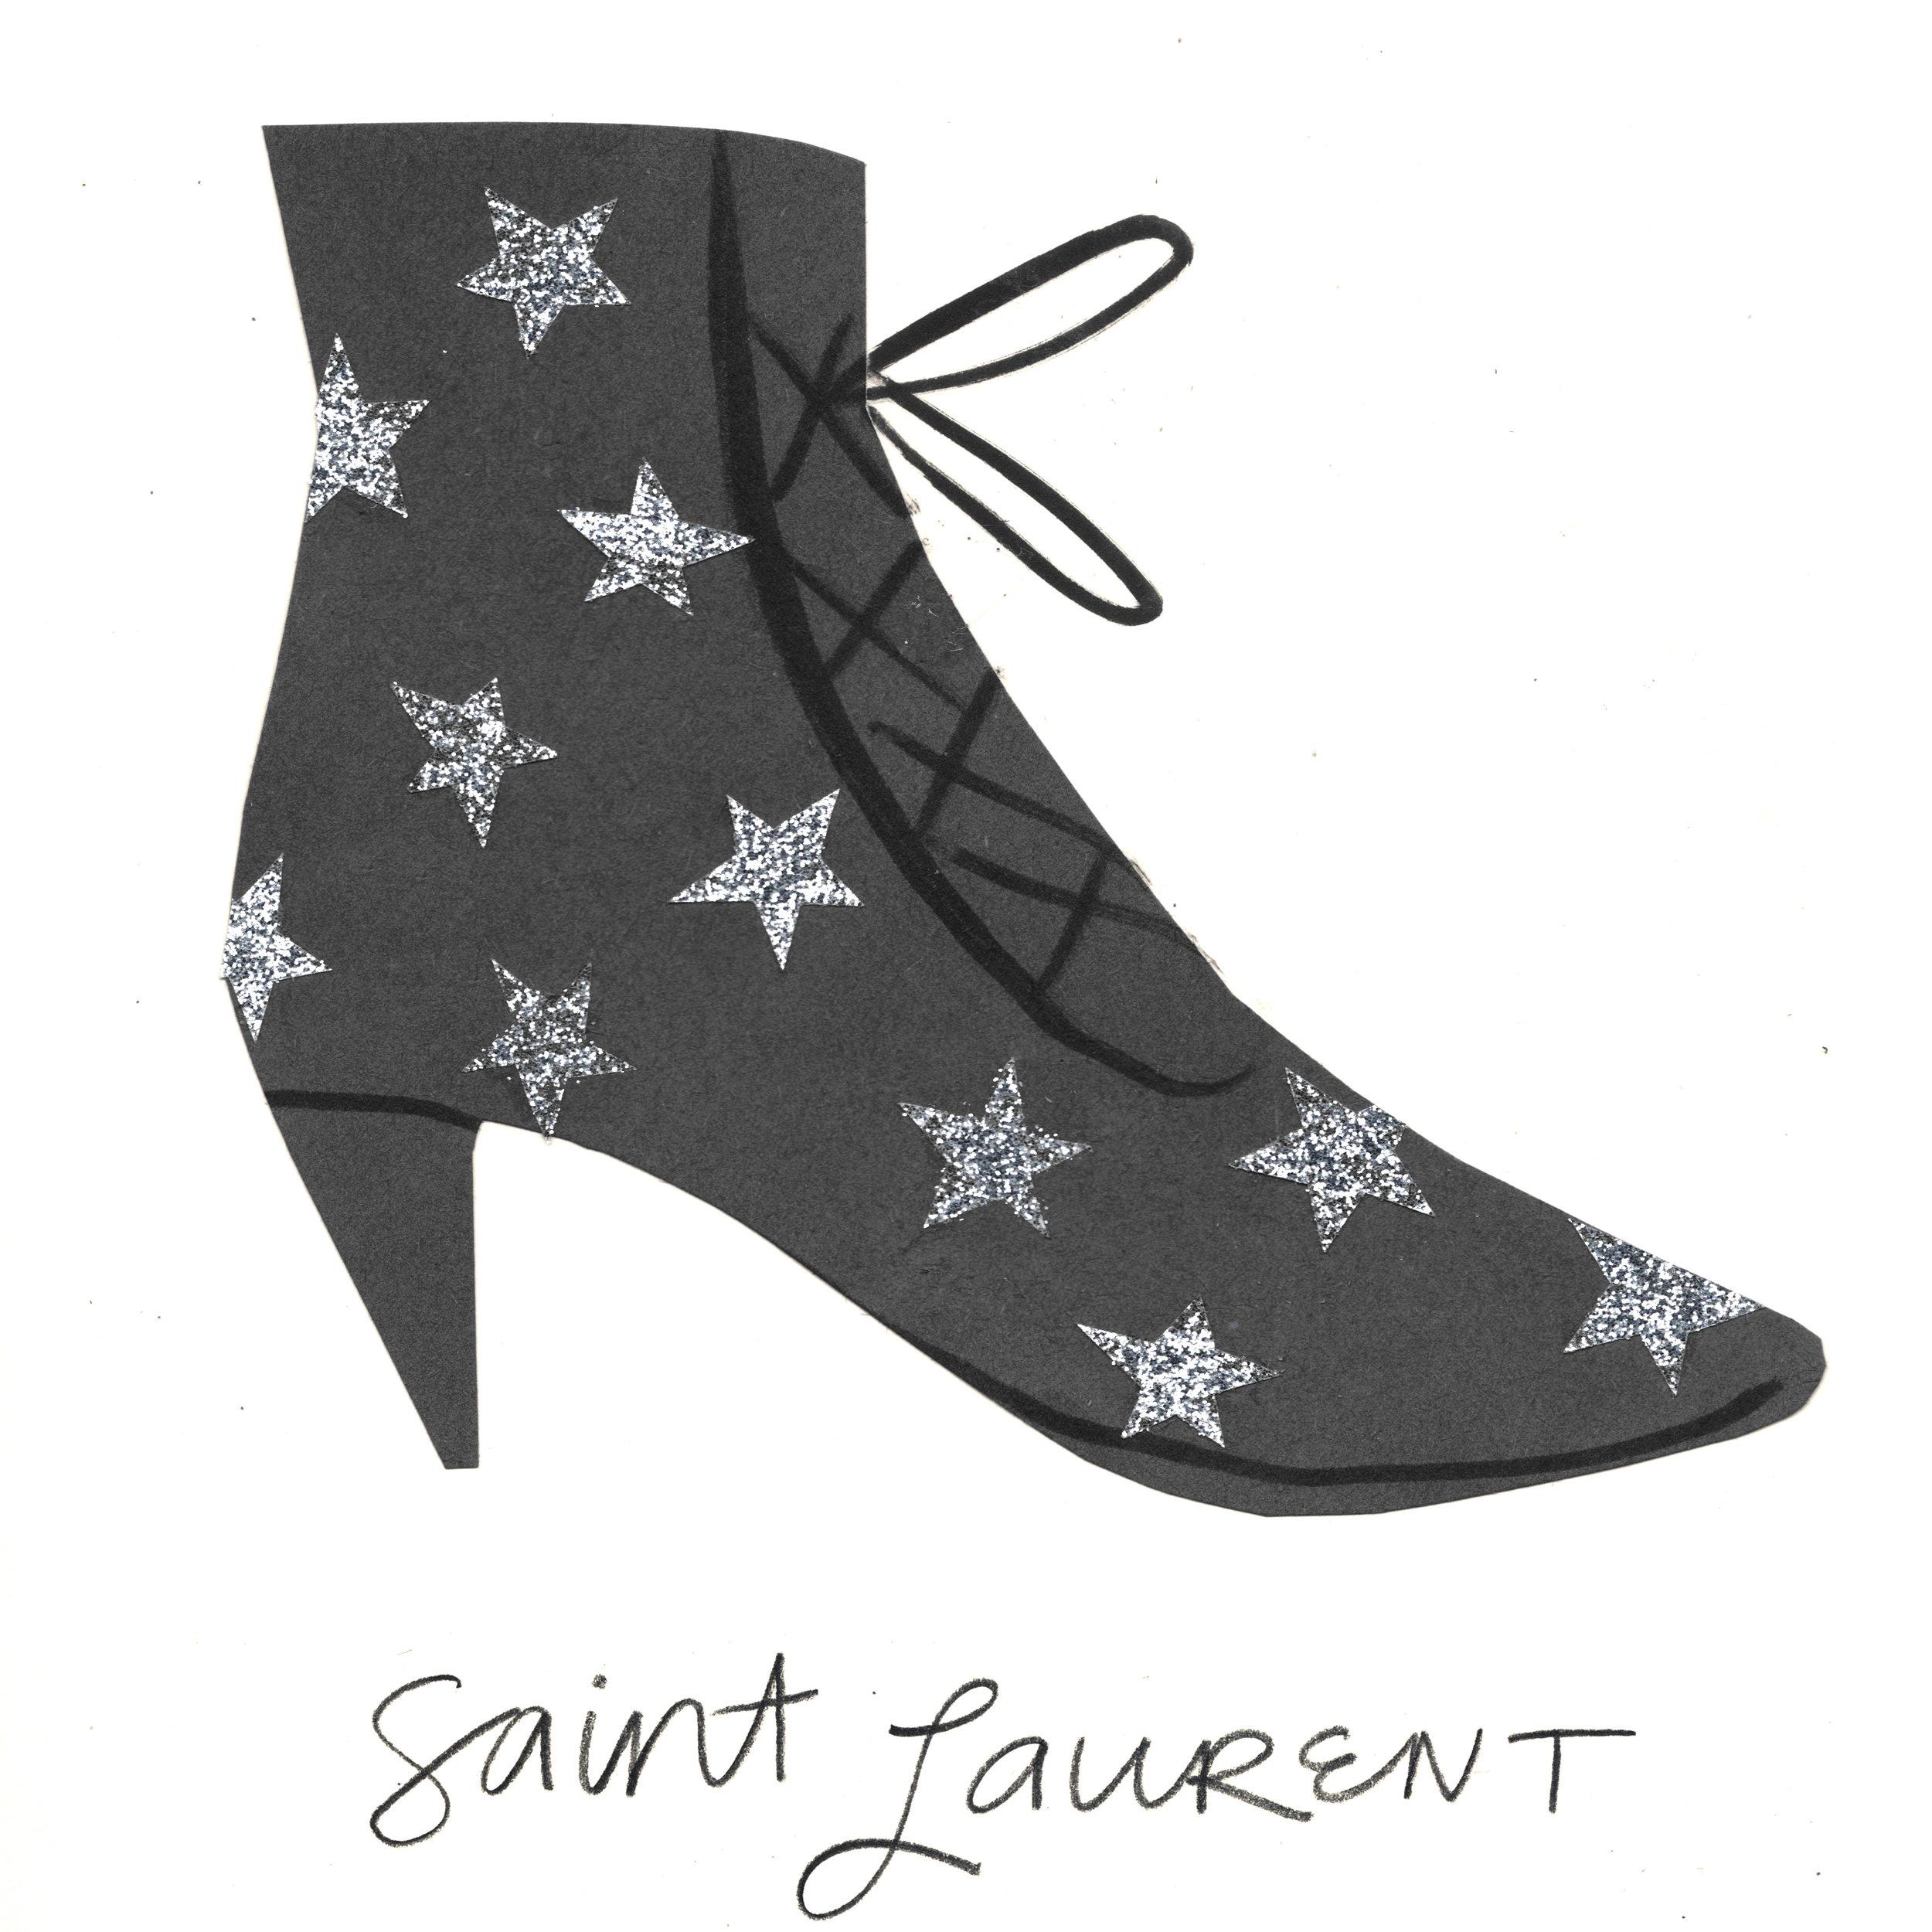 shoes_saint-laurent-star.jpg